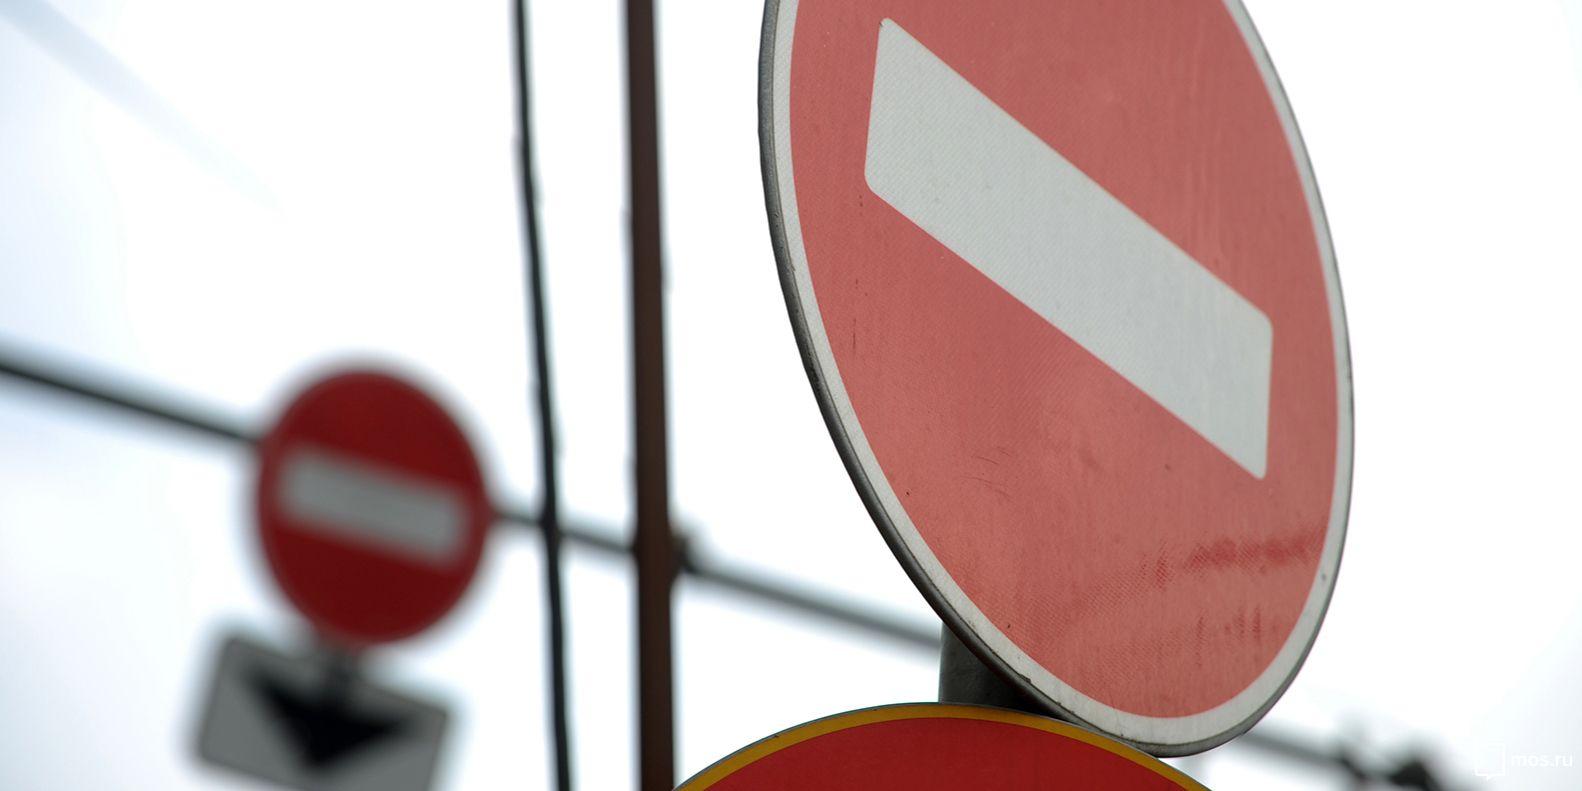 ЦОДД объявил об изменениях на юге Москвы после закрытия части Сокольнической линии метро